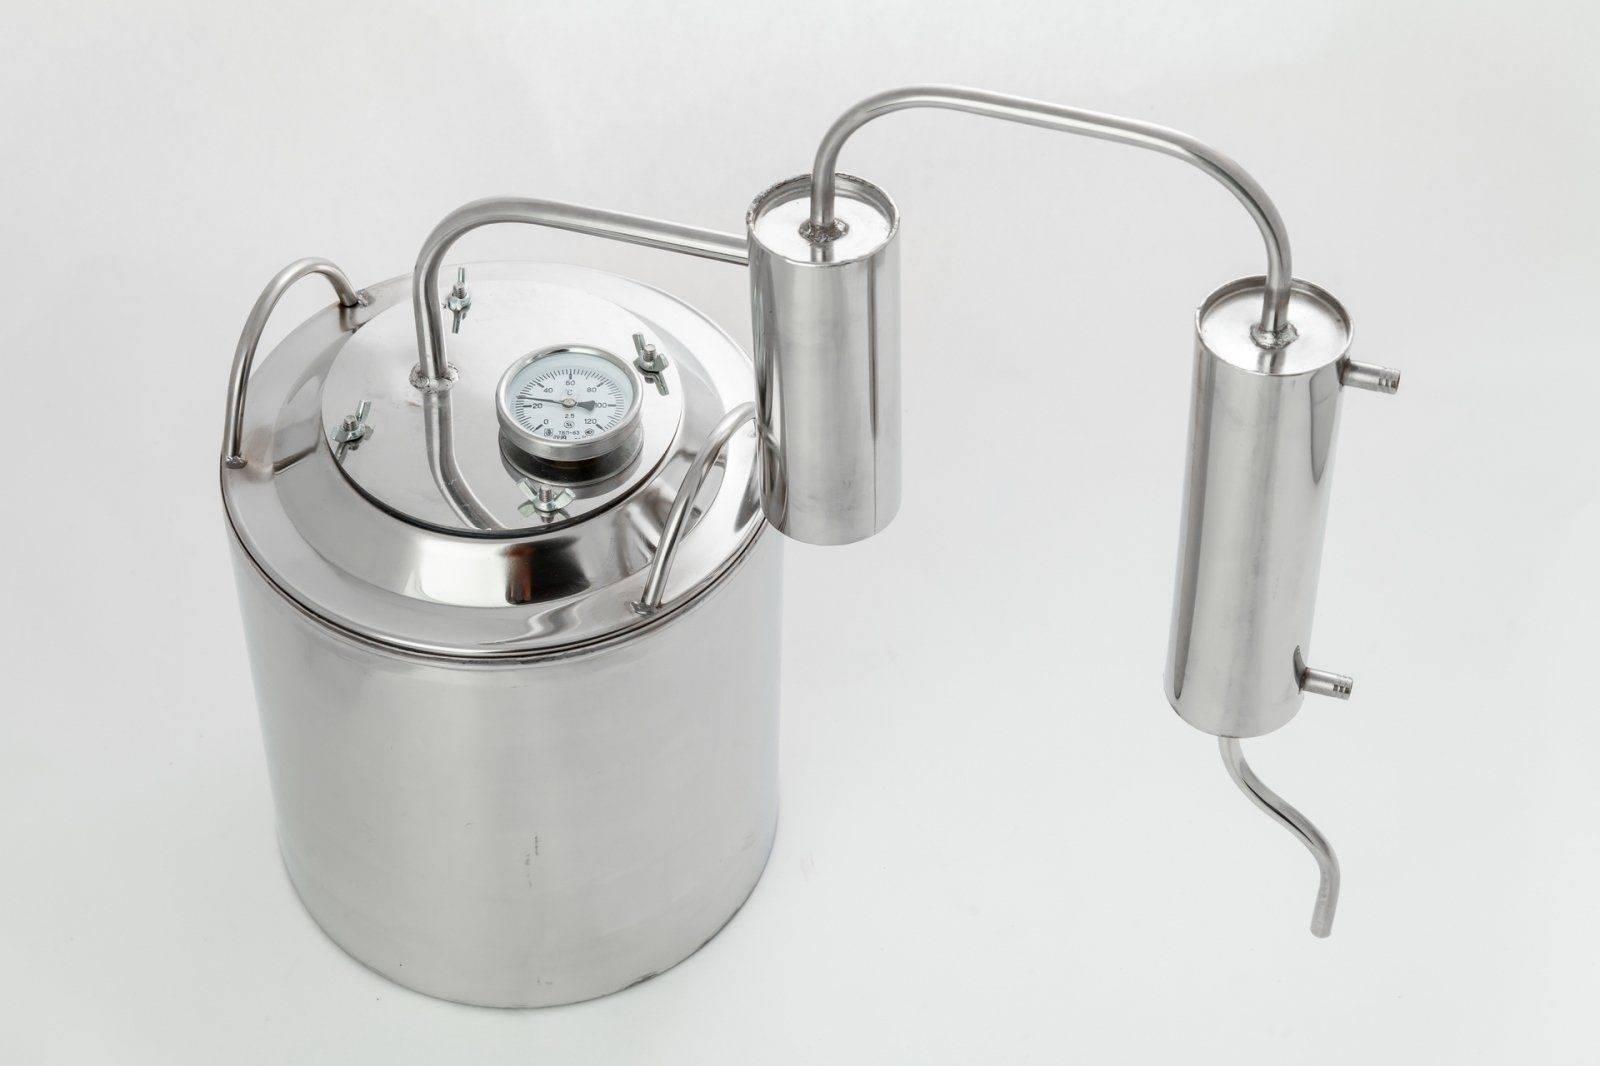 Самогонный аппарат без проточной воды: какой лучше выбрать, отзывы